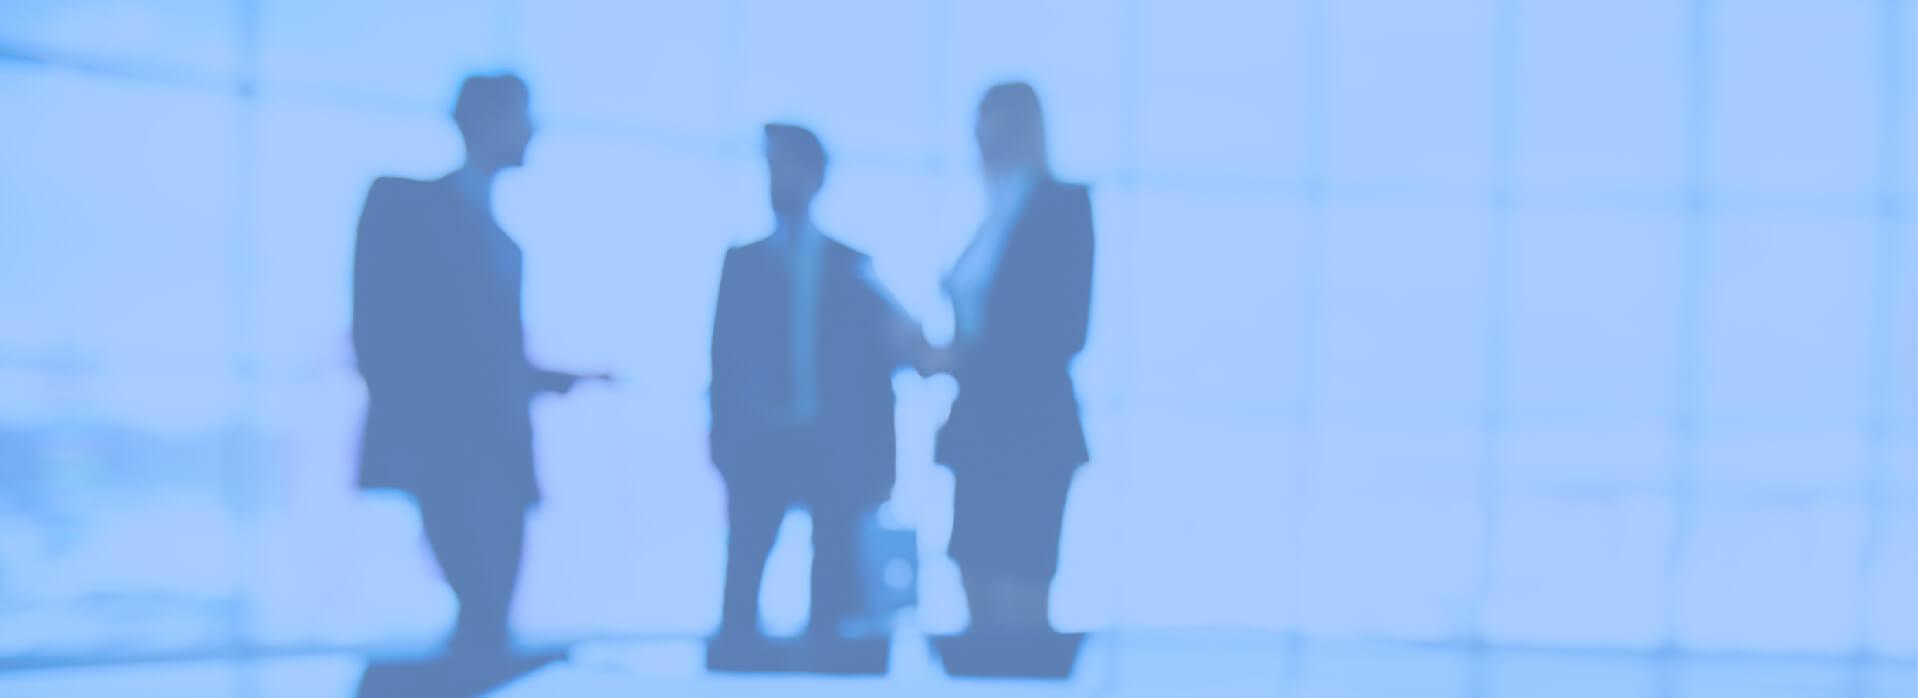 proect sliding 9 40 Представление интересов Застройщиков в контролирующих ведомствах